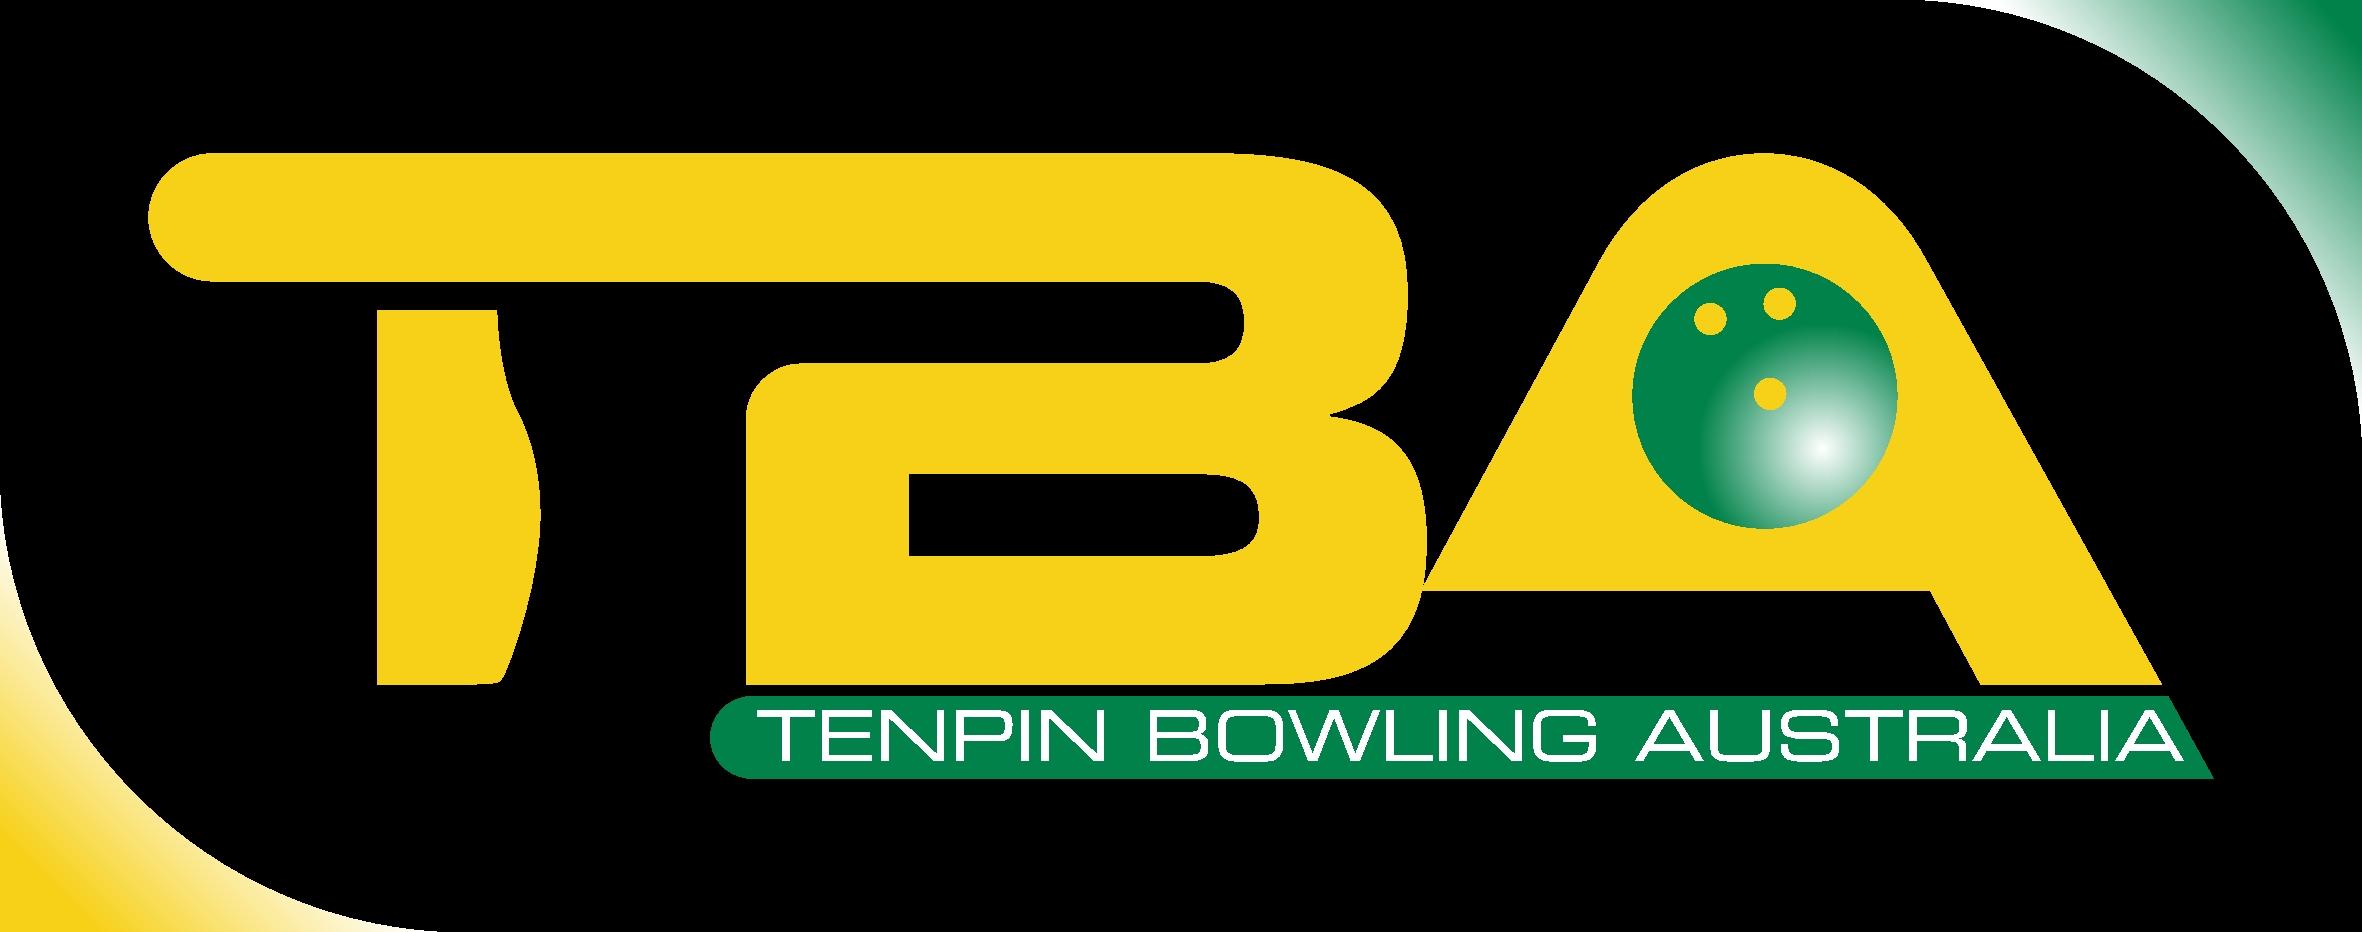 Tenpin Bowling Australia